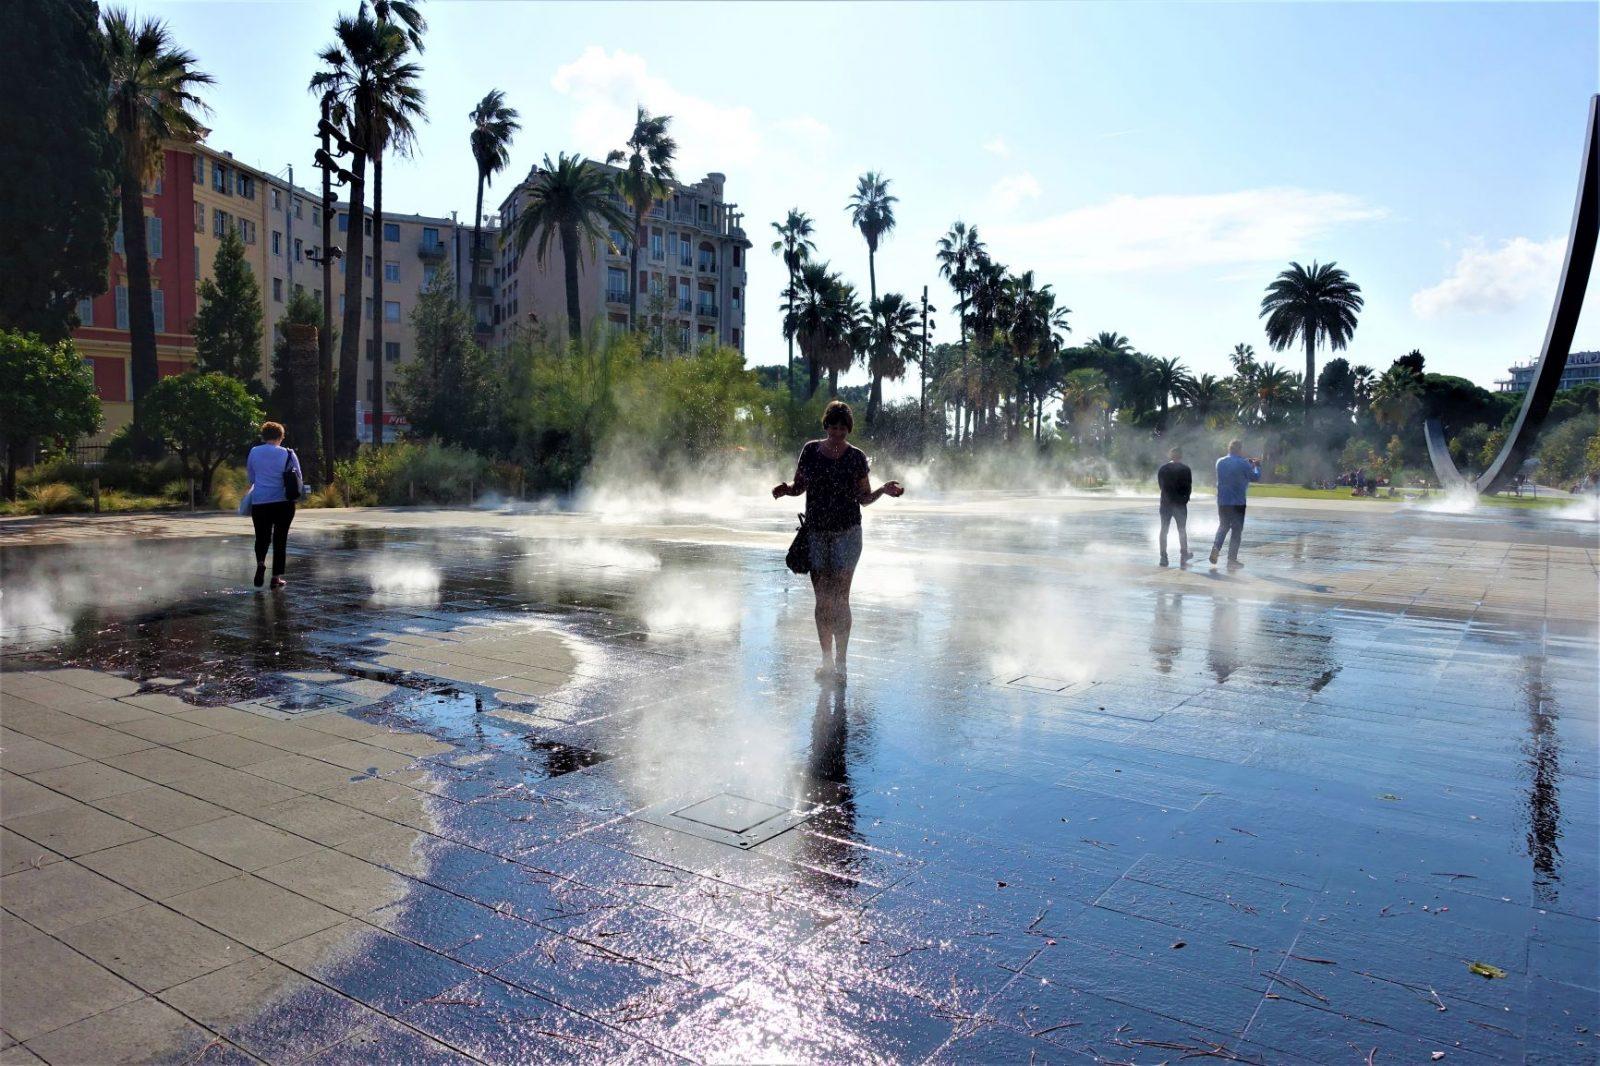 Fonteneparken på Place Massèna er herlig avkjølende i varmen